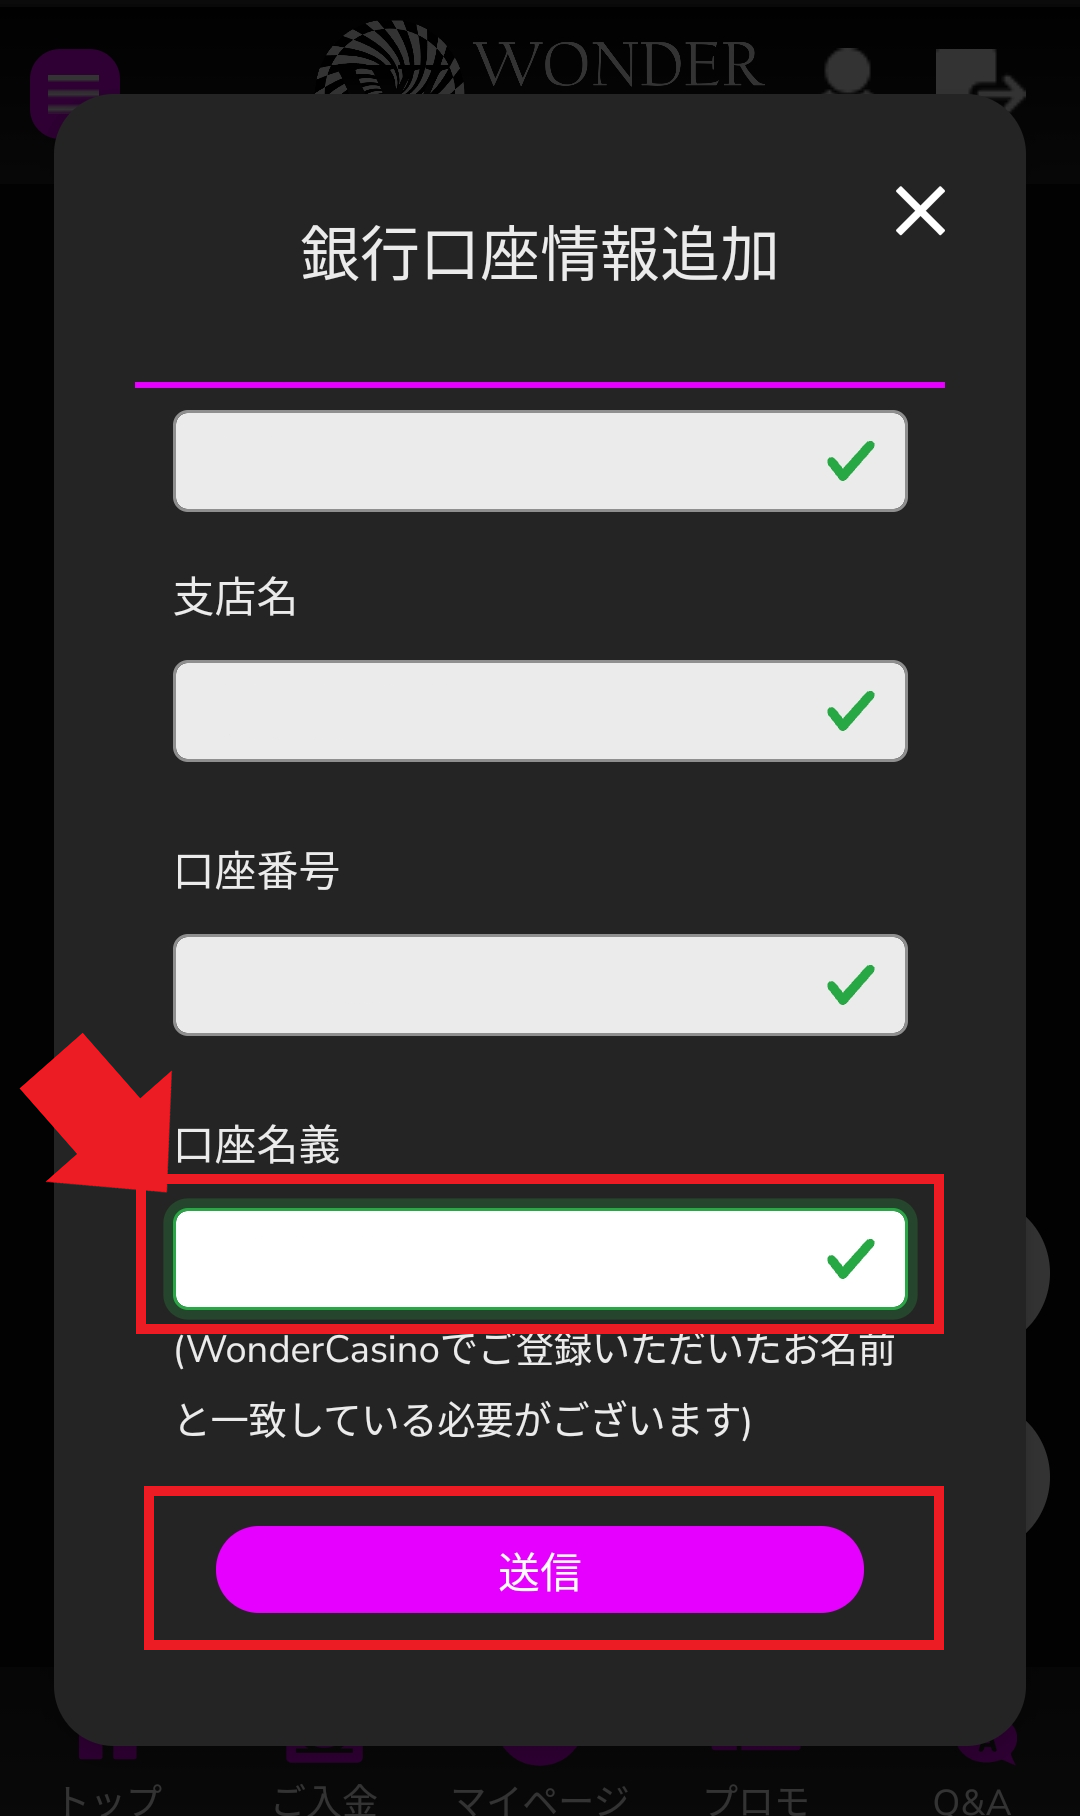 ワンダーカジノの登録方法29